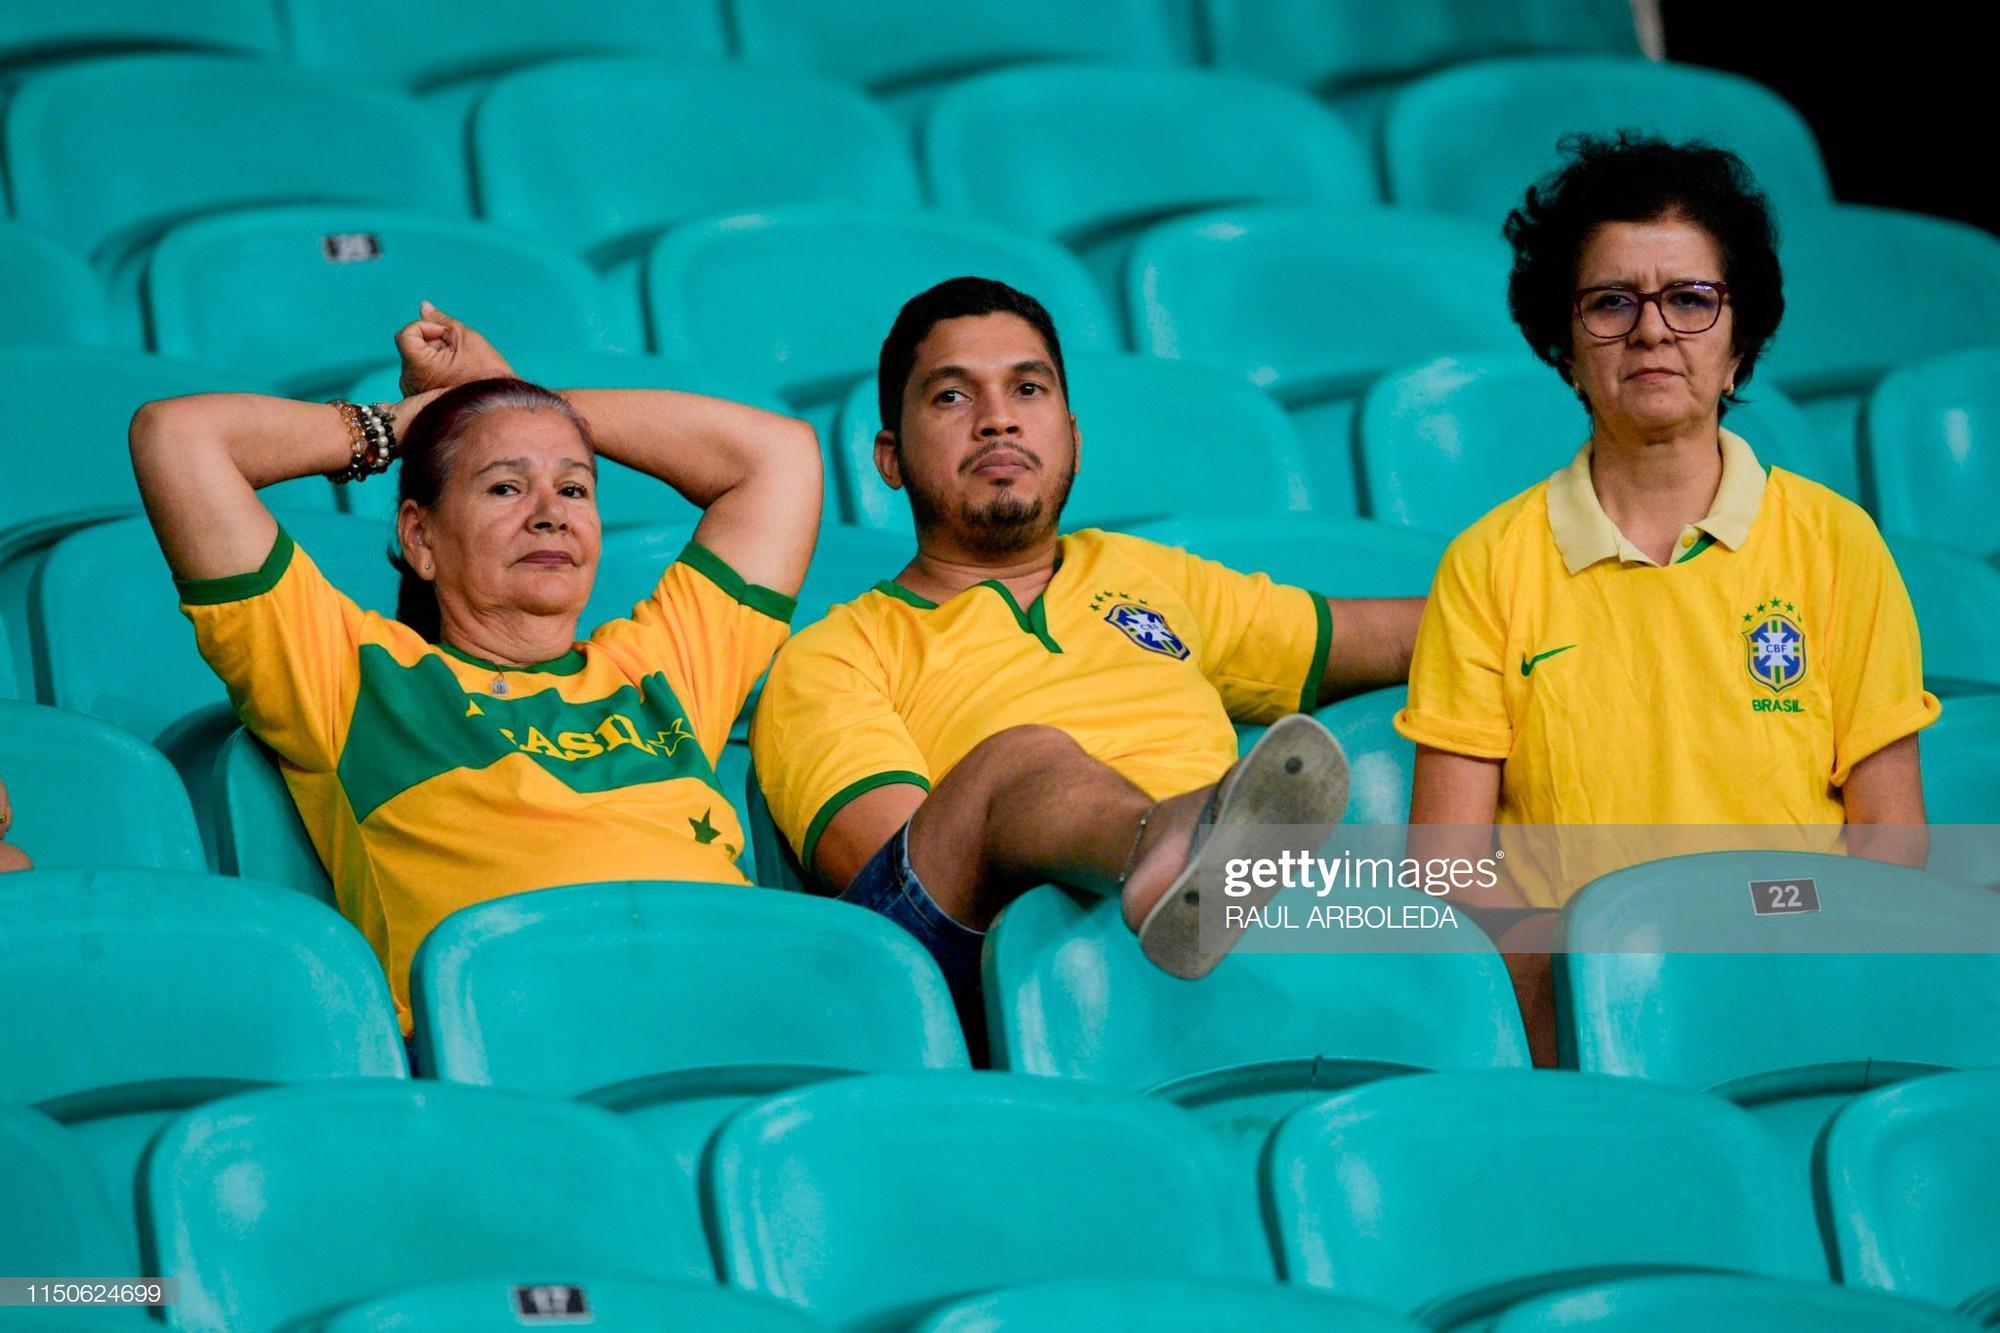 Có đội bóng nào đen đủi hơn tuyển Brazil hôm nay: 3 lần ăn mừng hụt để rồi rời sân trong nỗi thất vọng - Ảnh 3.